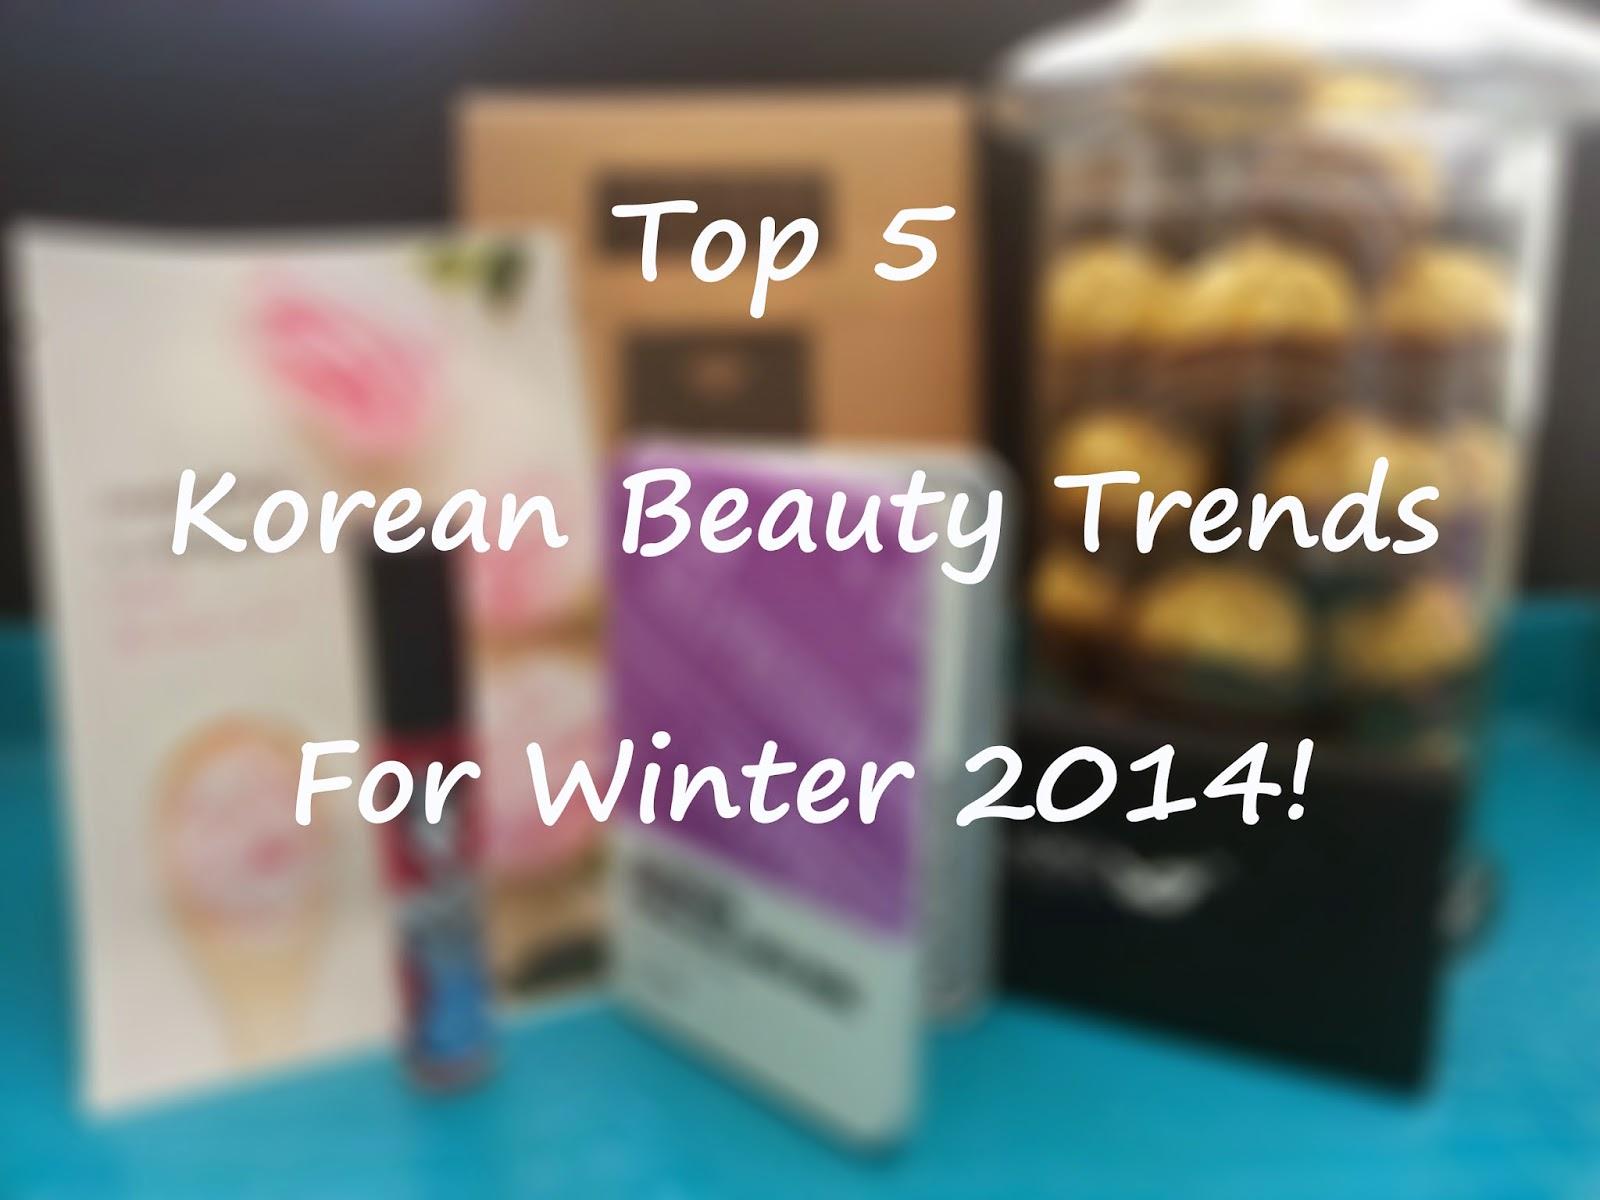 Top 5 Korean Beauty Trends For Winter 2014